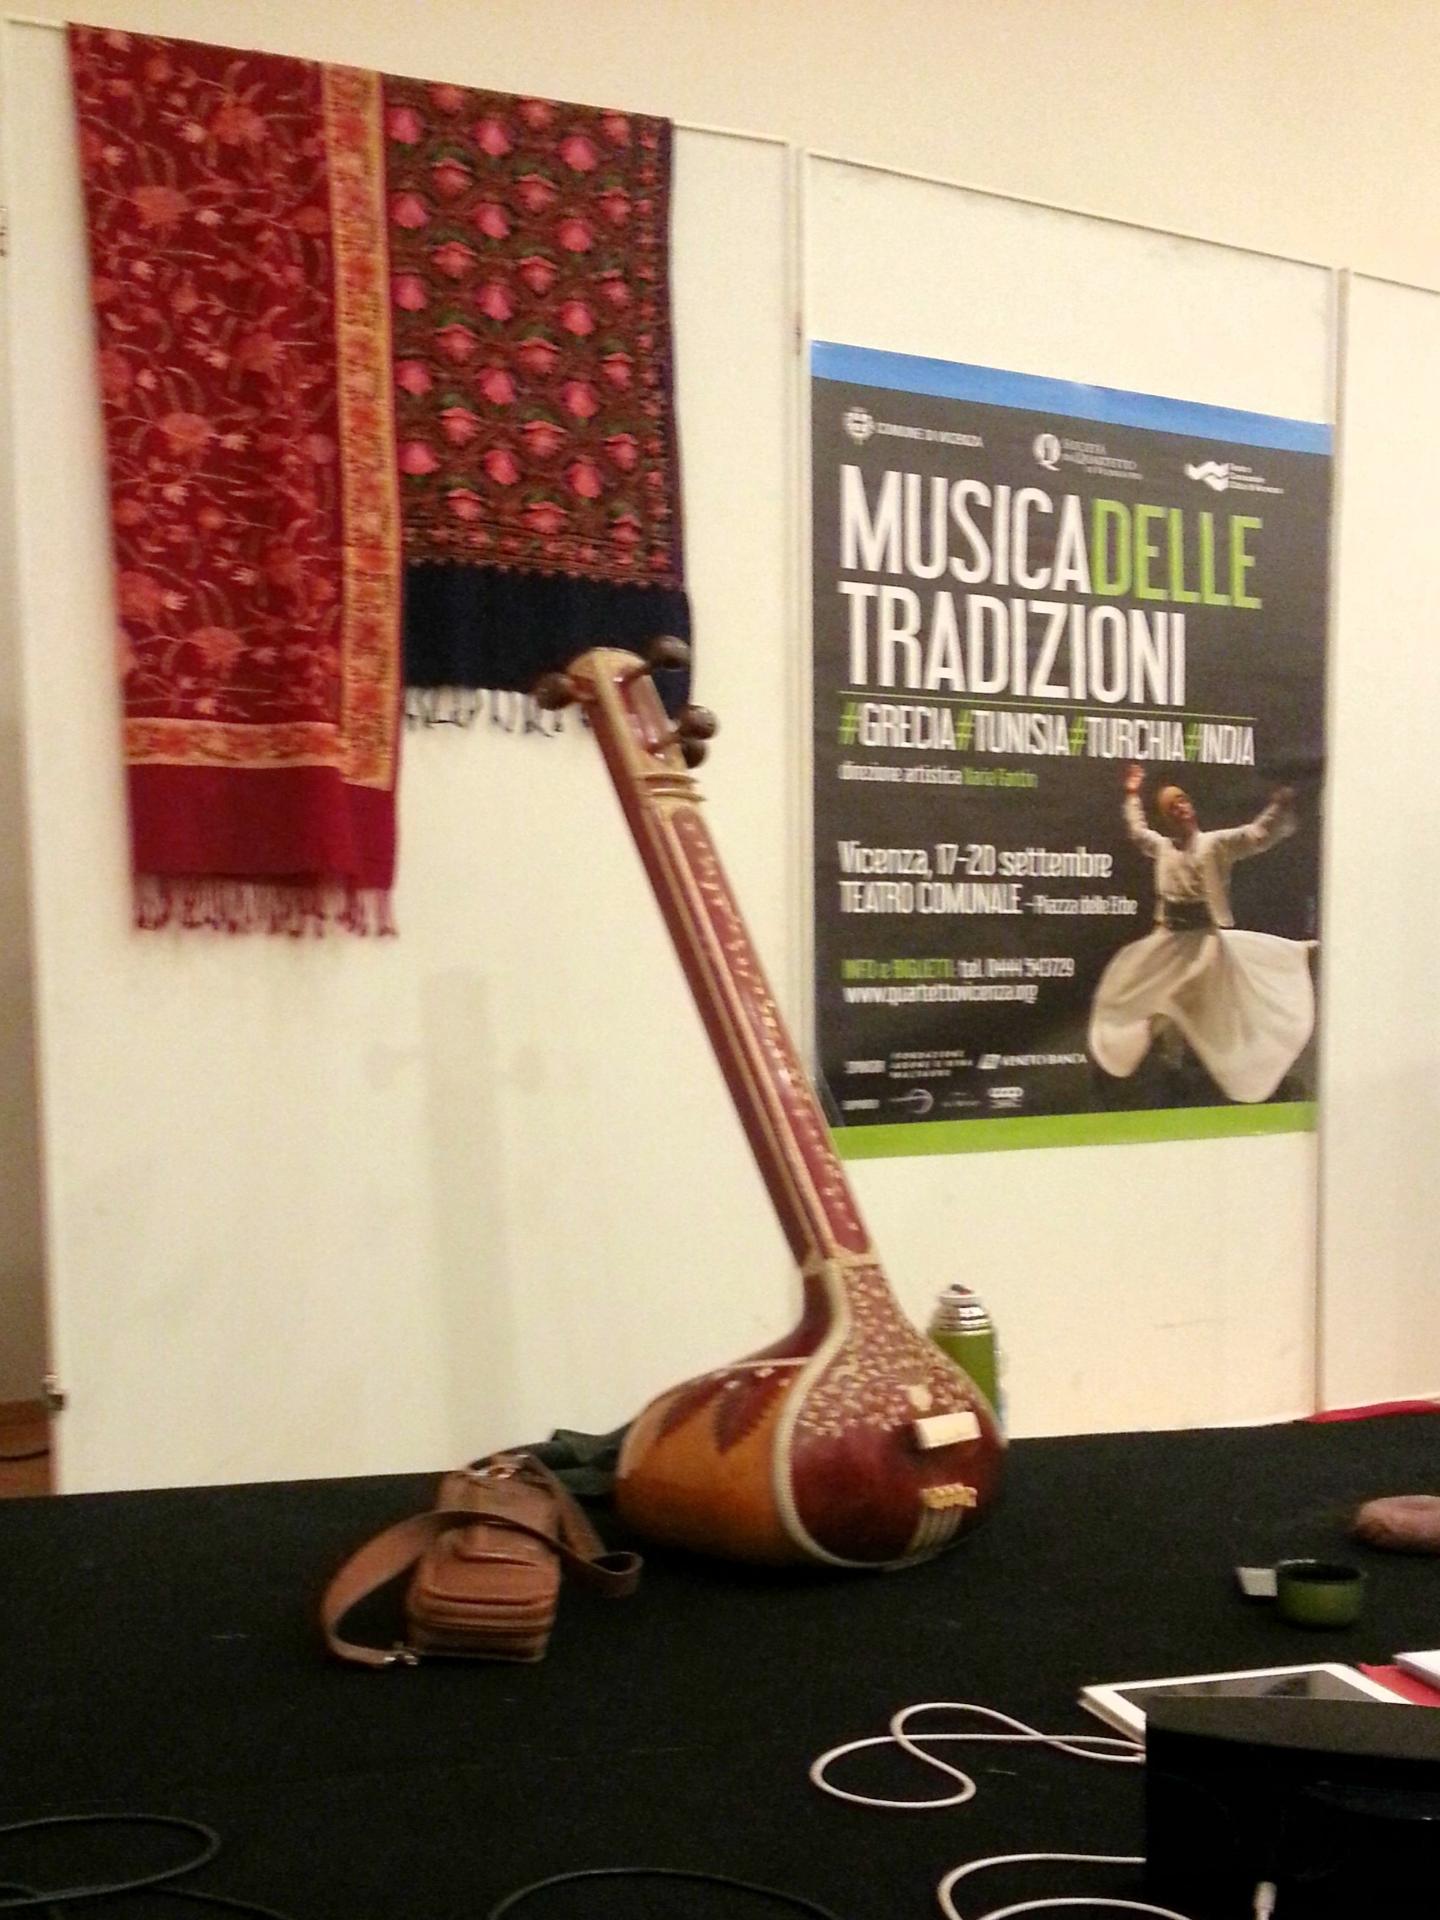 Musica delle Tradizioni